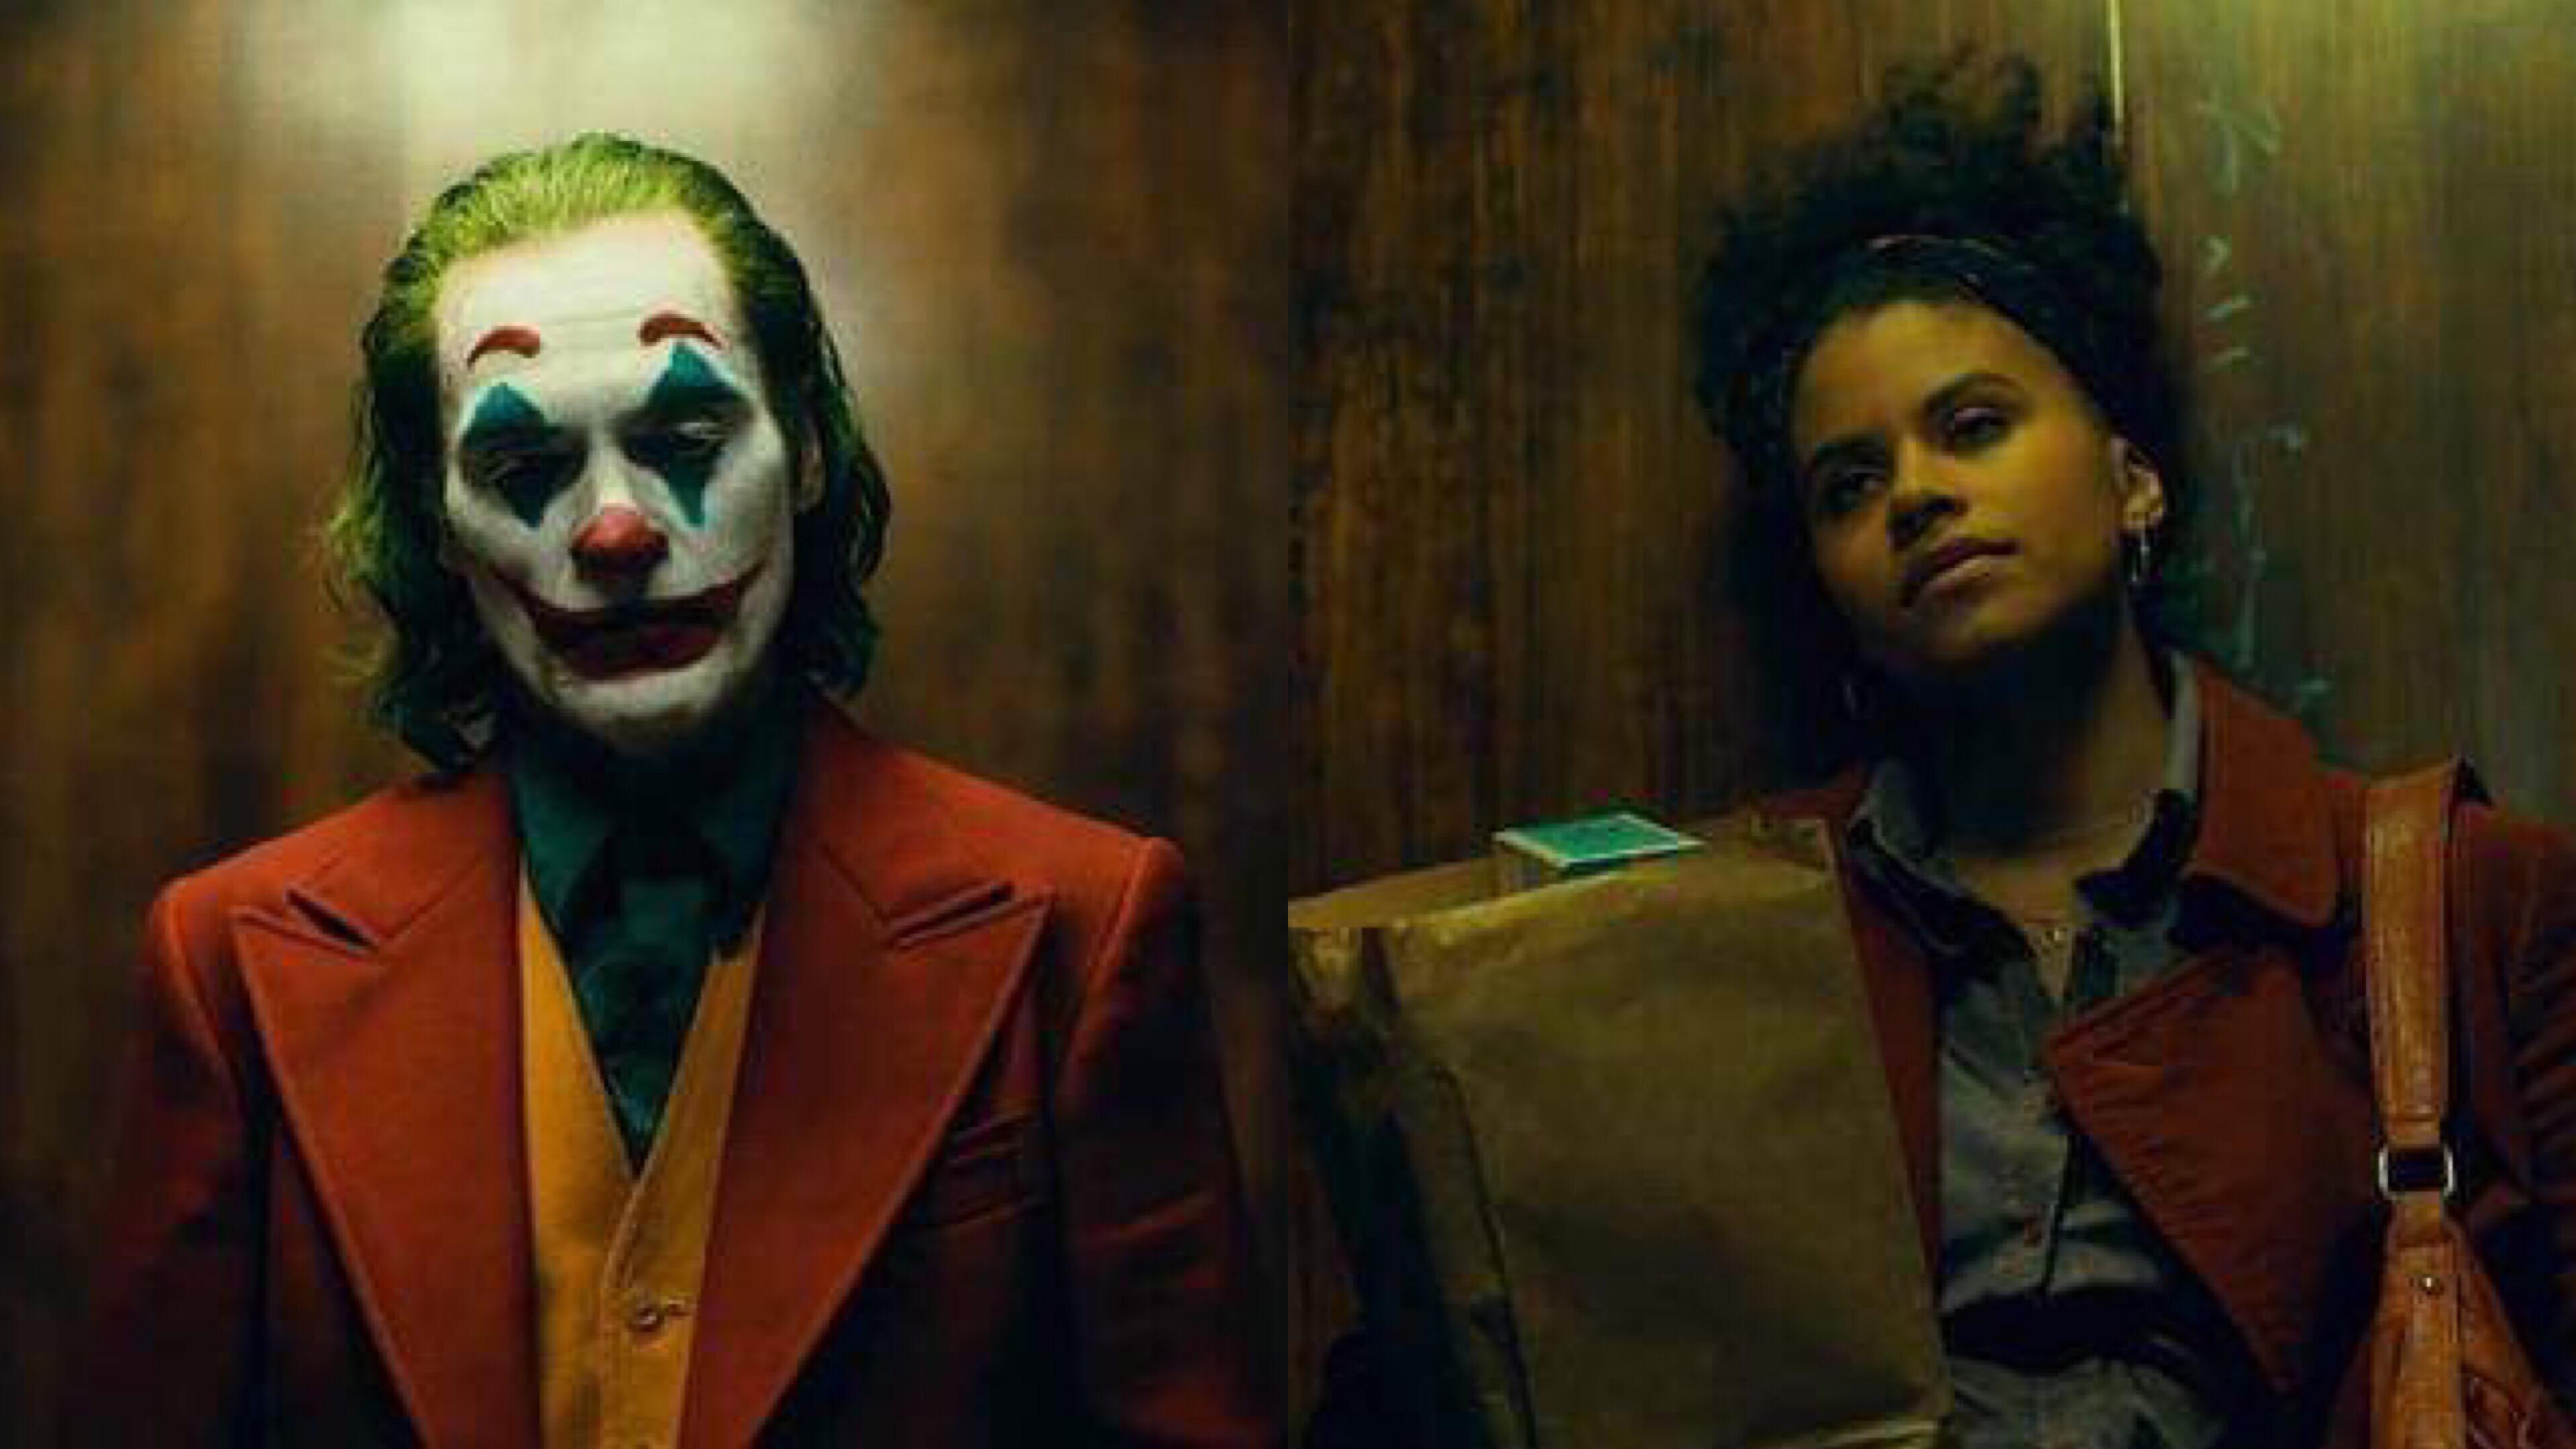 「《小丑》亞瑟為什麼會對蘇菲產生幻想?」仔細看才發現,這個小細節竟然被大家忽略了! – 我們用電影寫日記